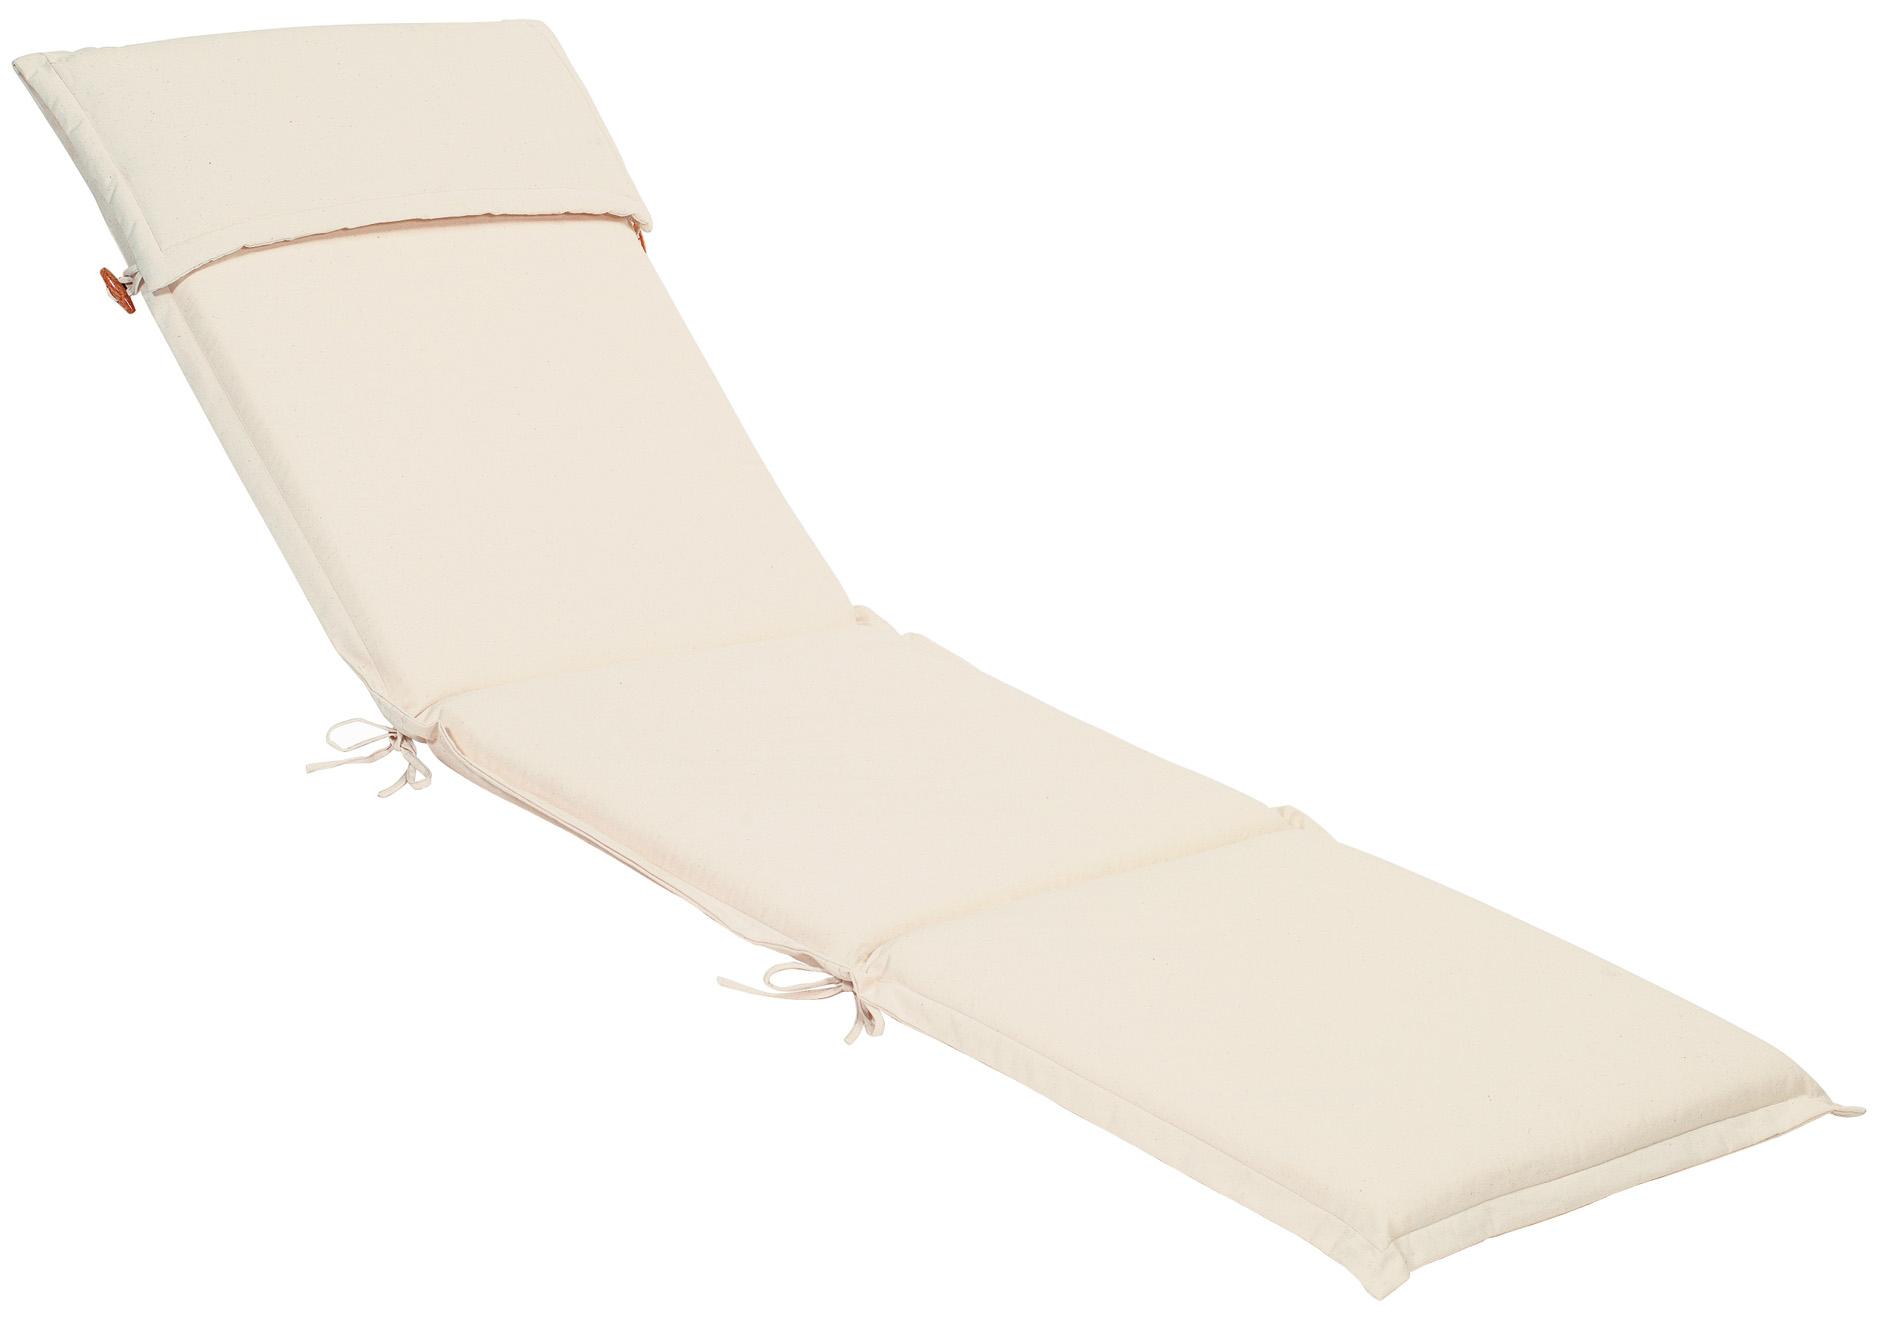 Cuscino per lettino prendisole 196x58 cm con volant ECRU